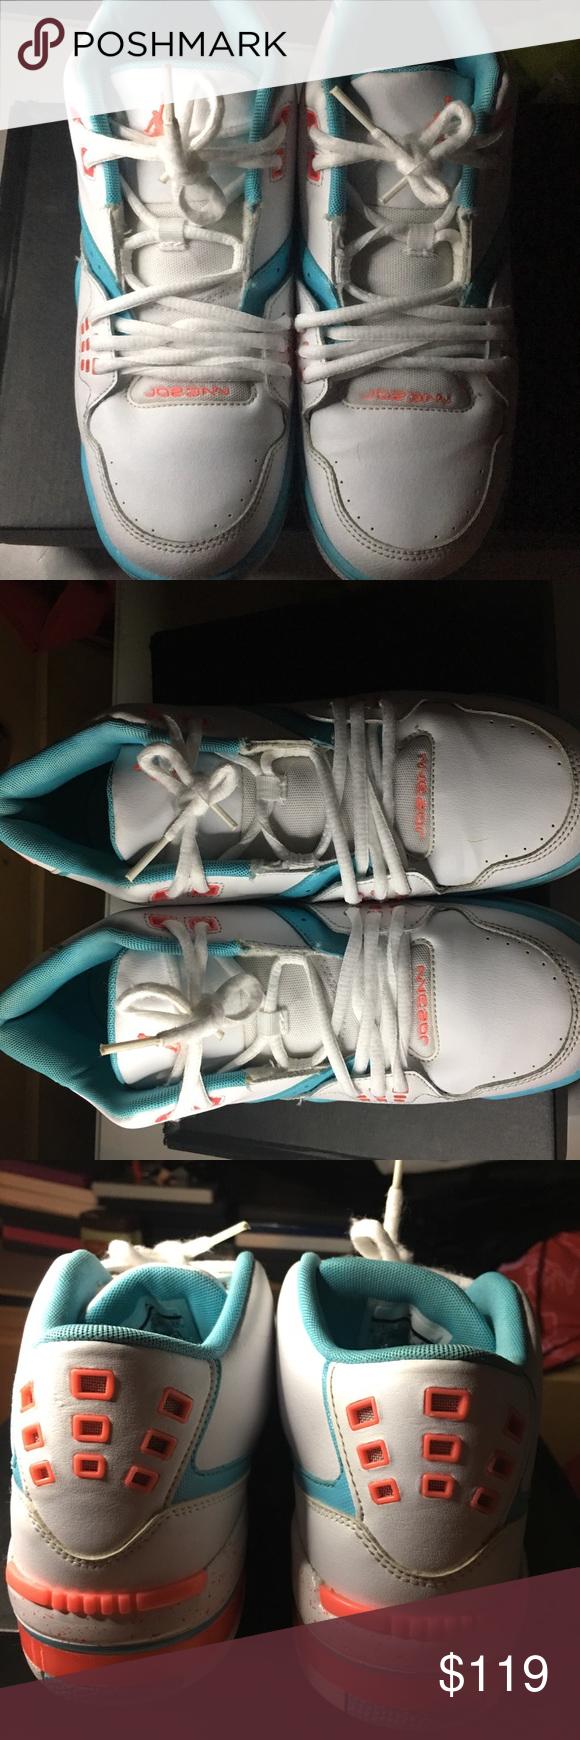 b6abdc4aaa2512 Jordan Flight 23 GG WHITE  HOT LAVA-TIDE POOL BLUE. Worn only 2 times Jordan  Shoes Sneakers